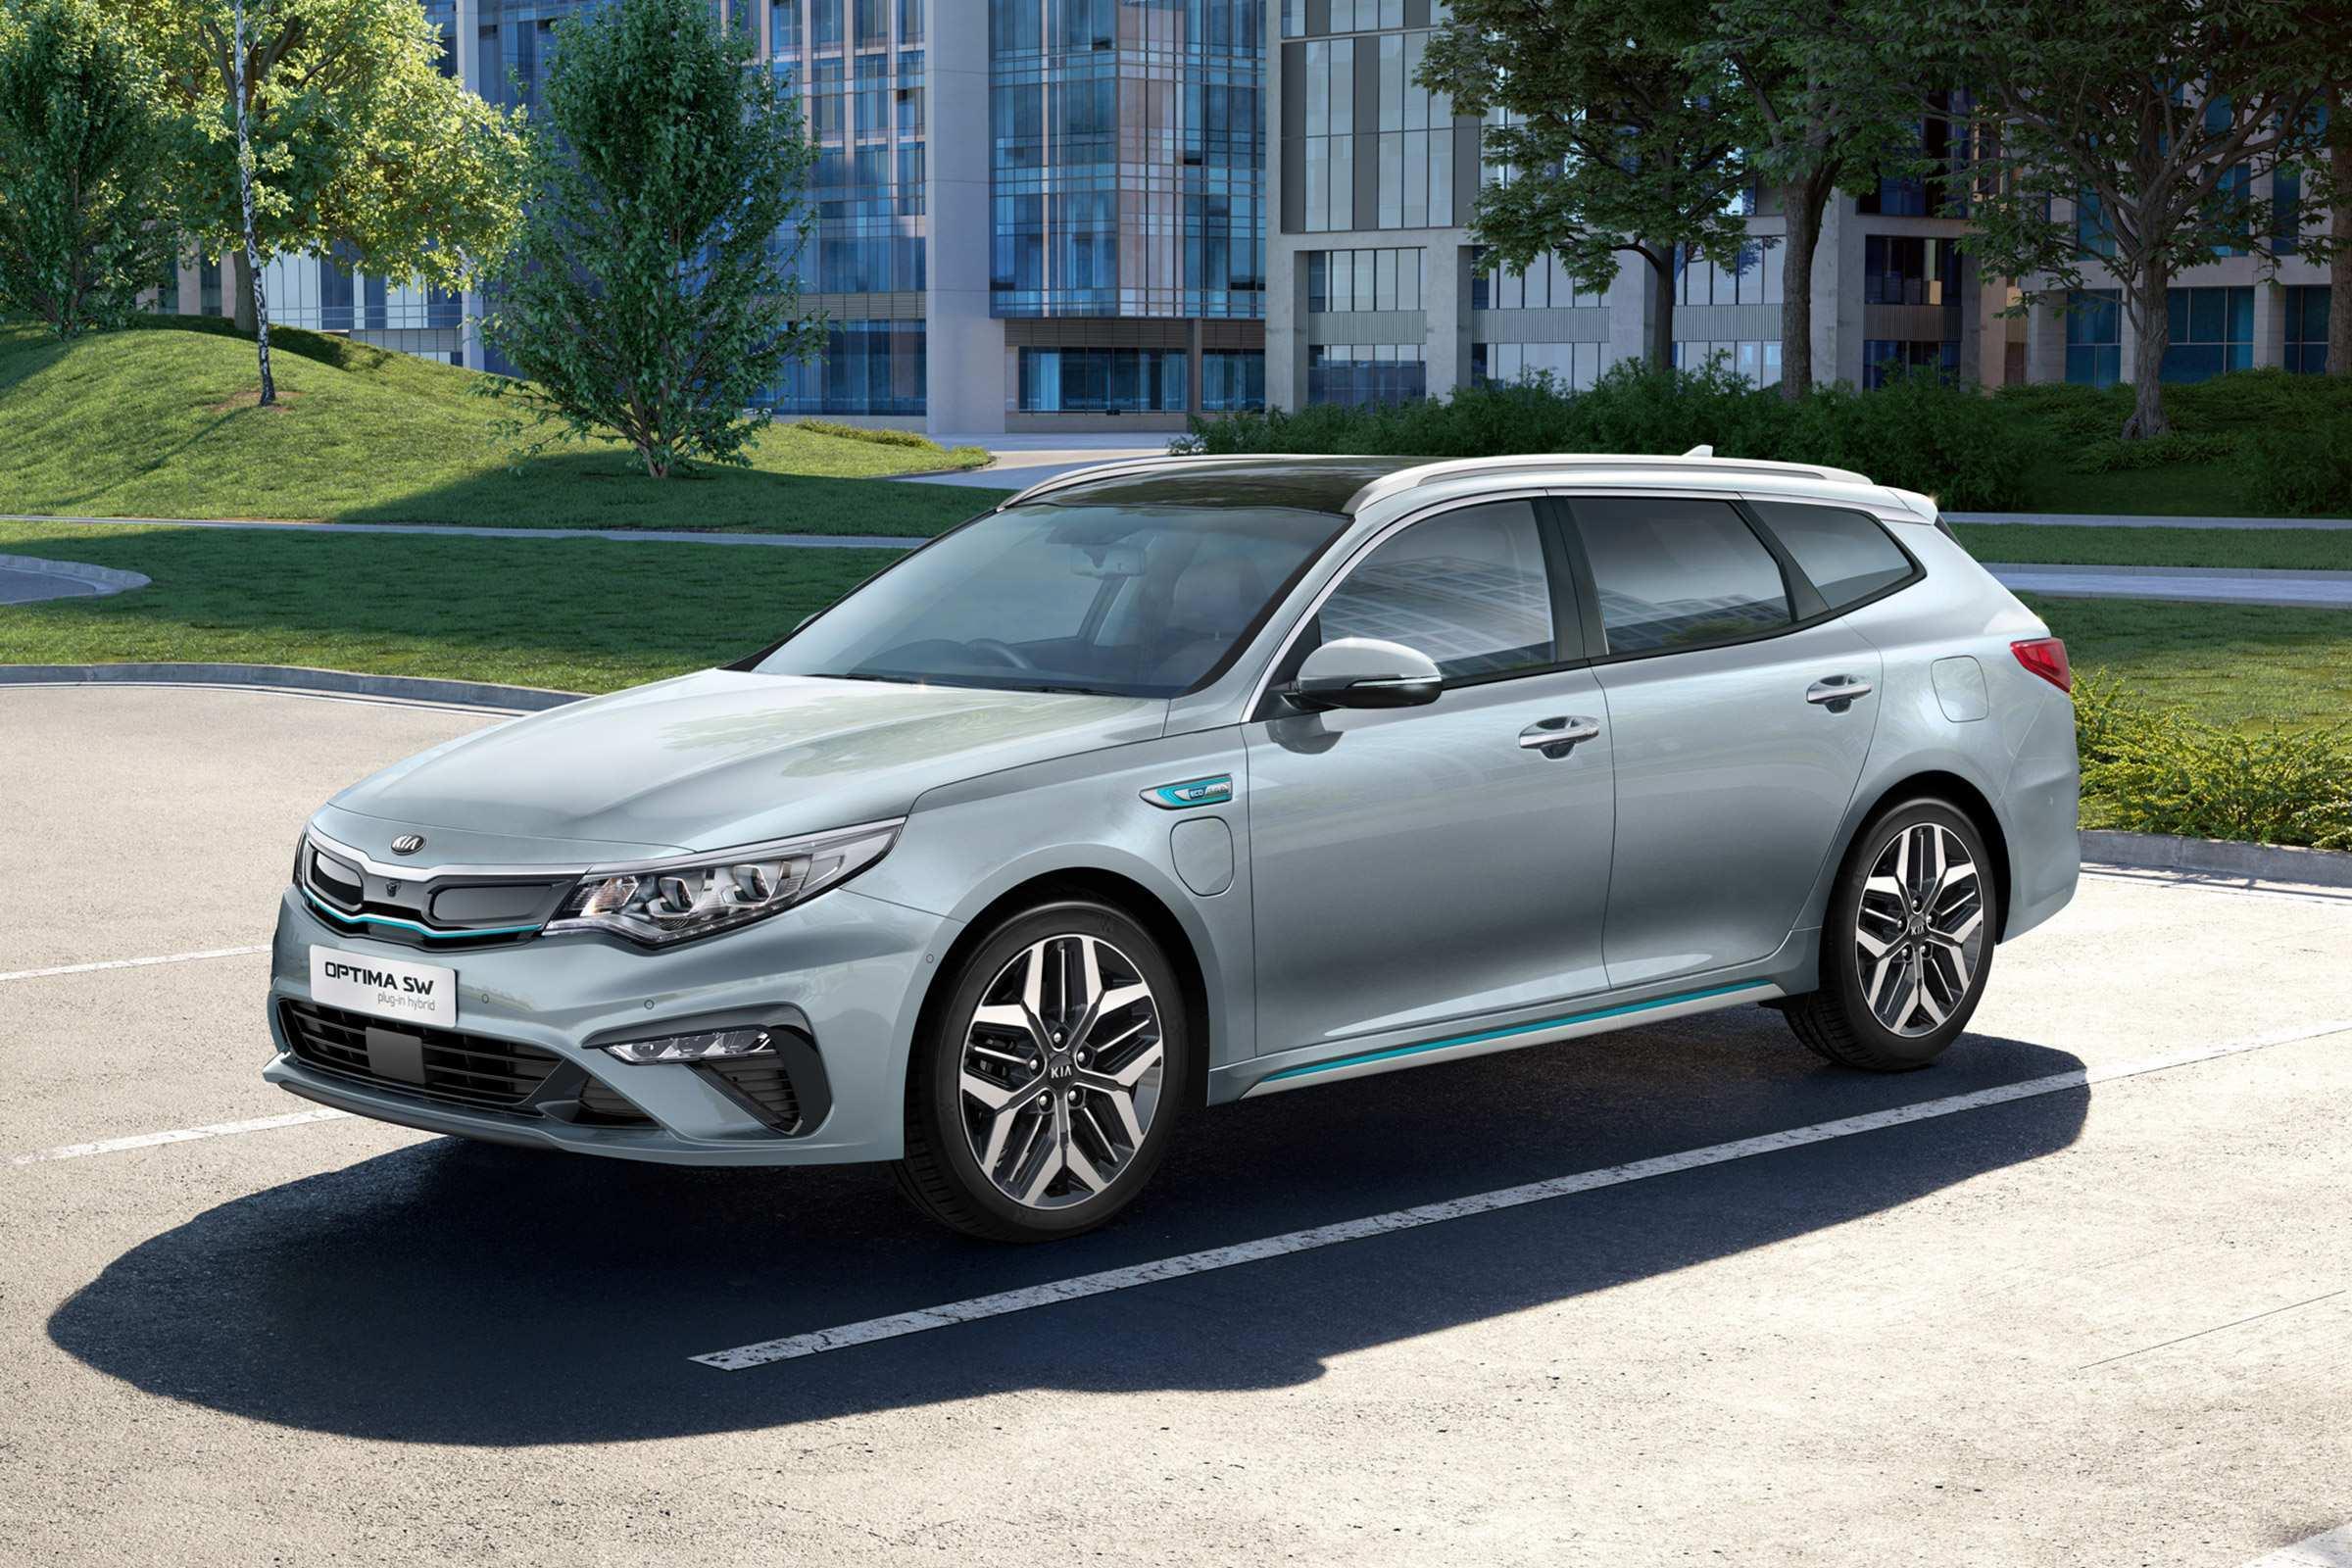 41 The Kia Optima 2019 Facelift Specs by Kia Optima 2019 Facelift